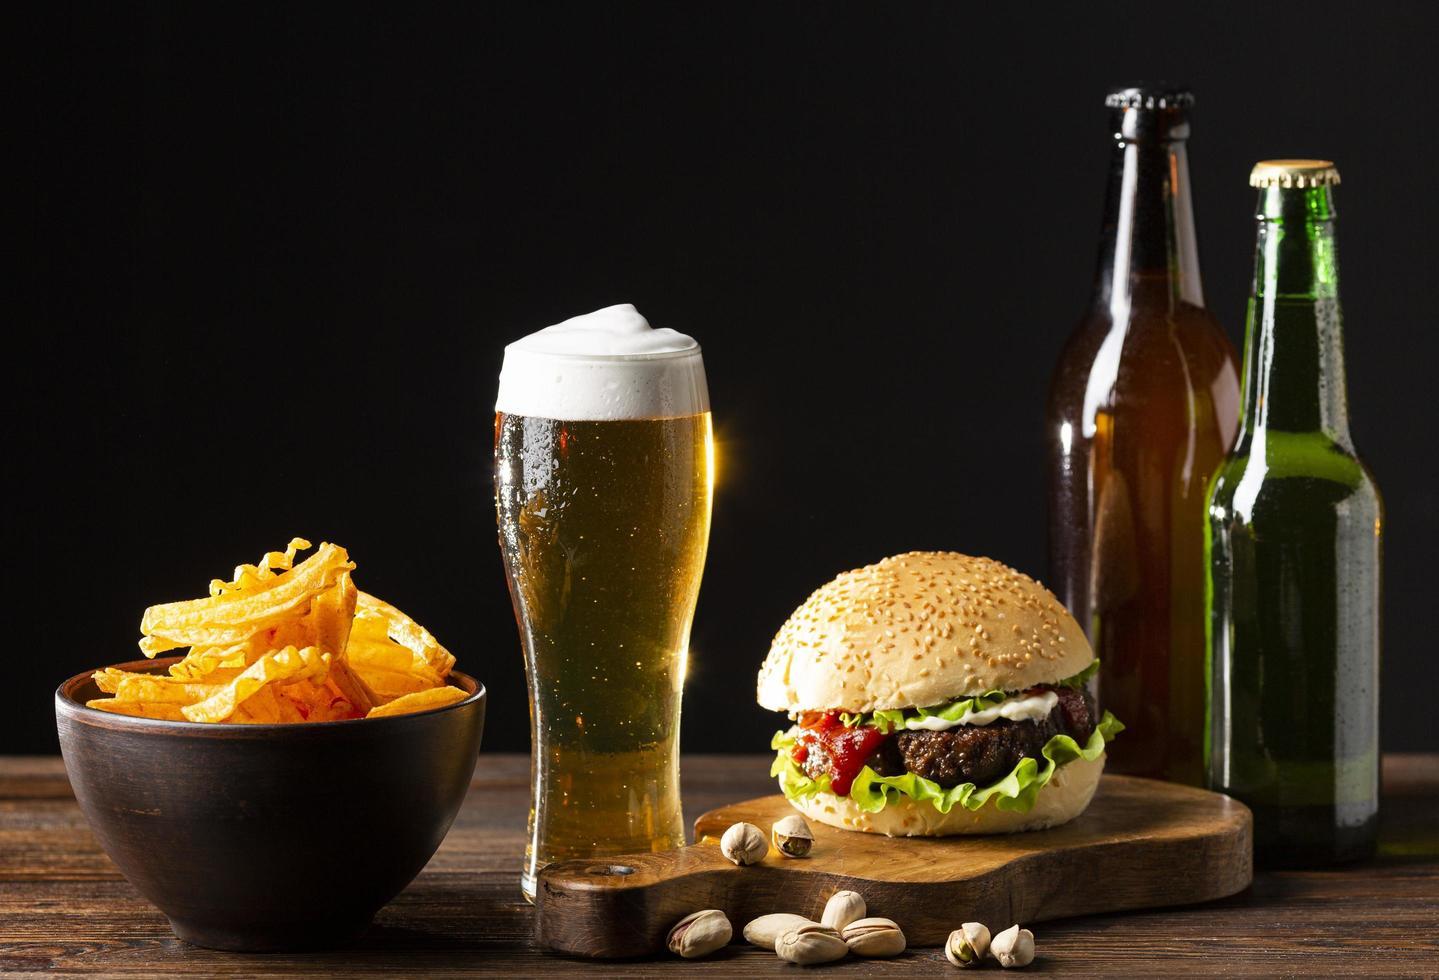 bar avec des bières photo